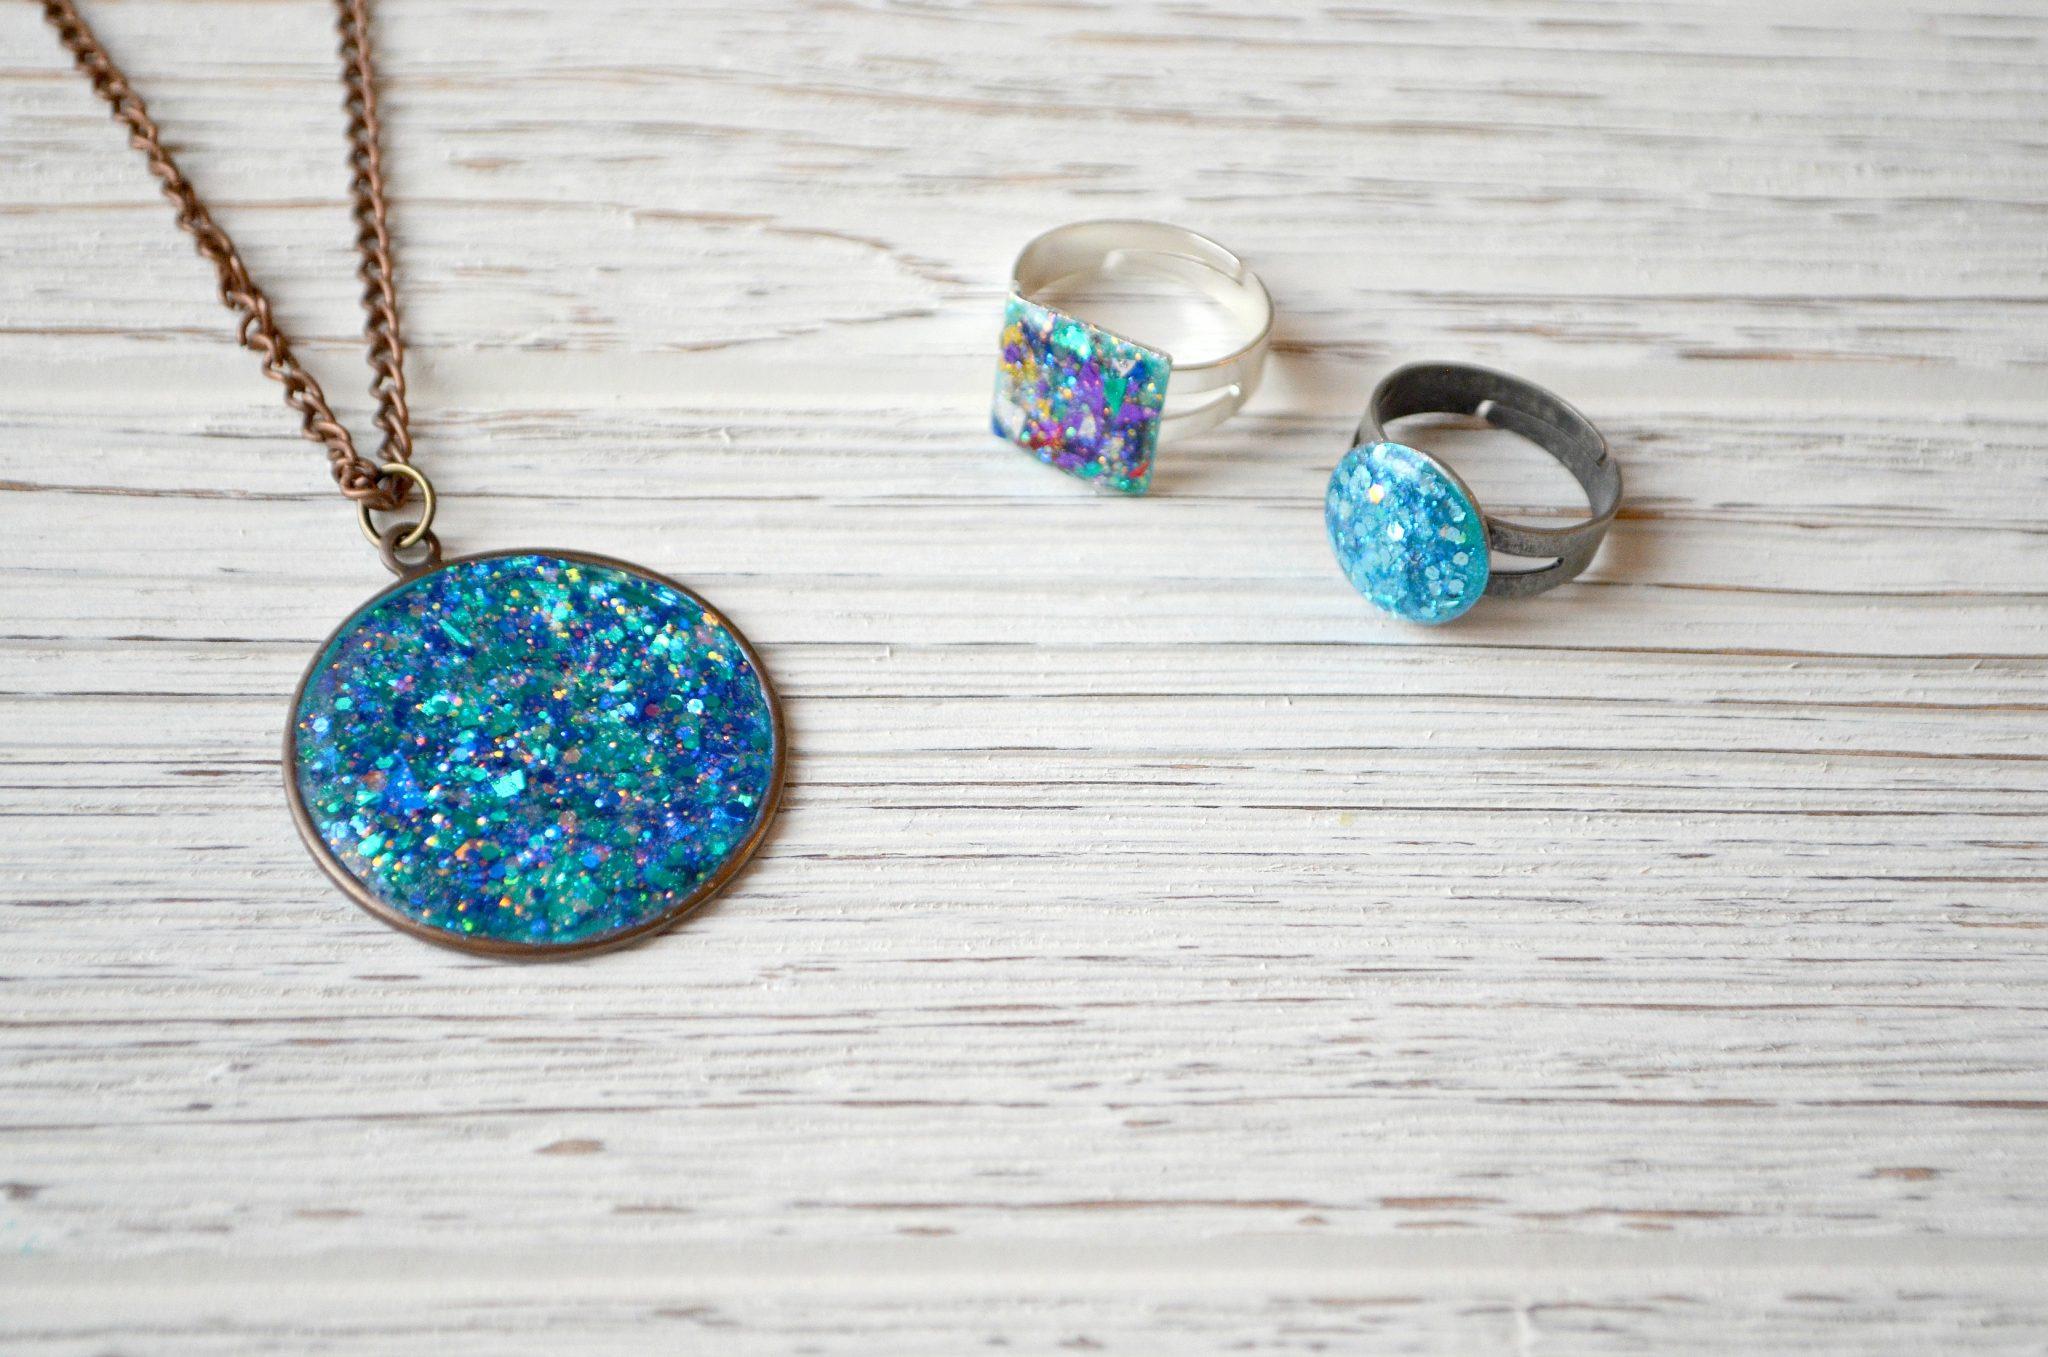 Faux Druzy Jewelry with FolkArt Glitterific